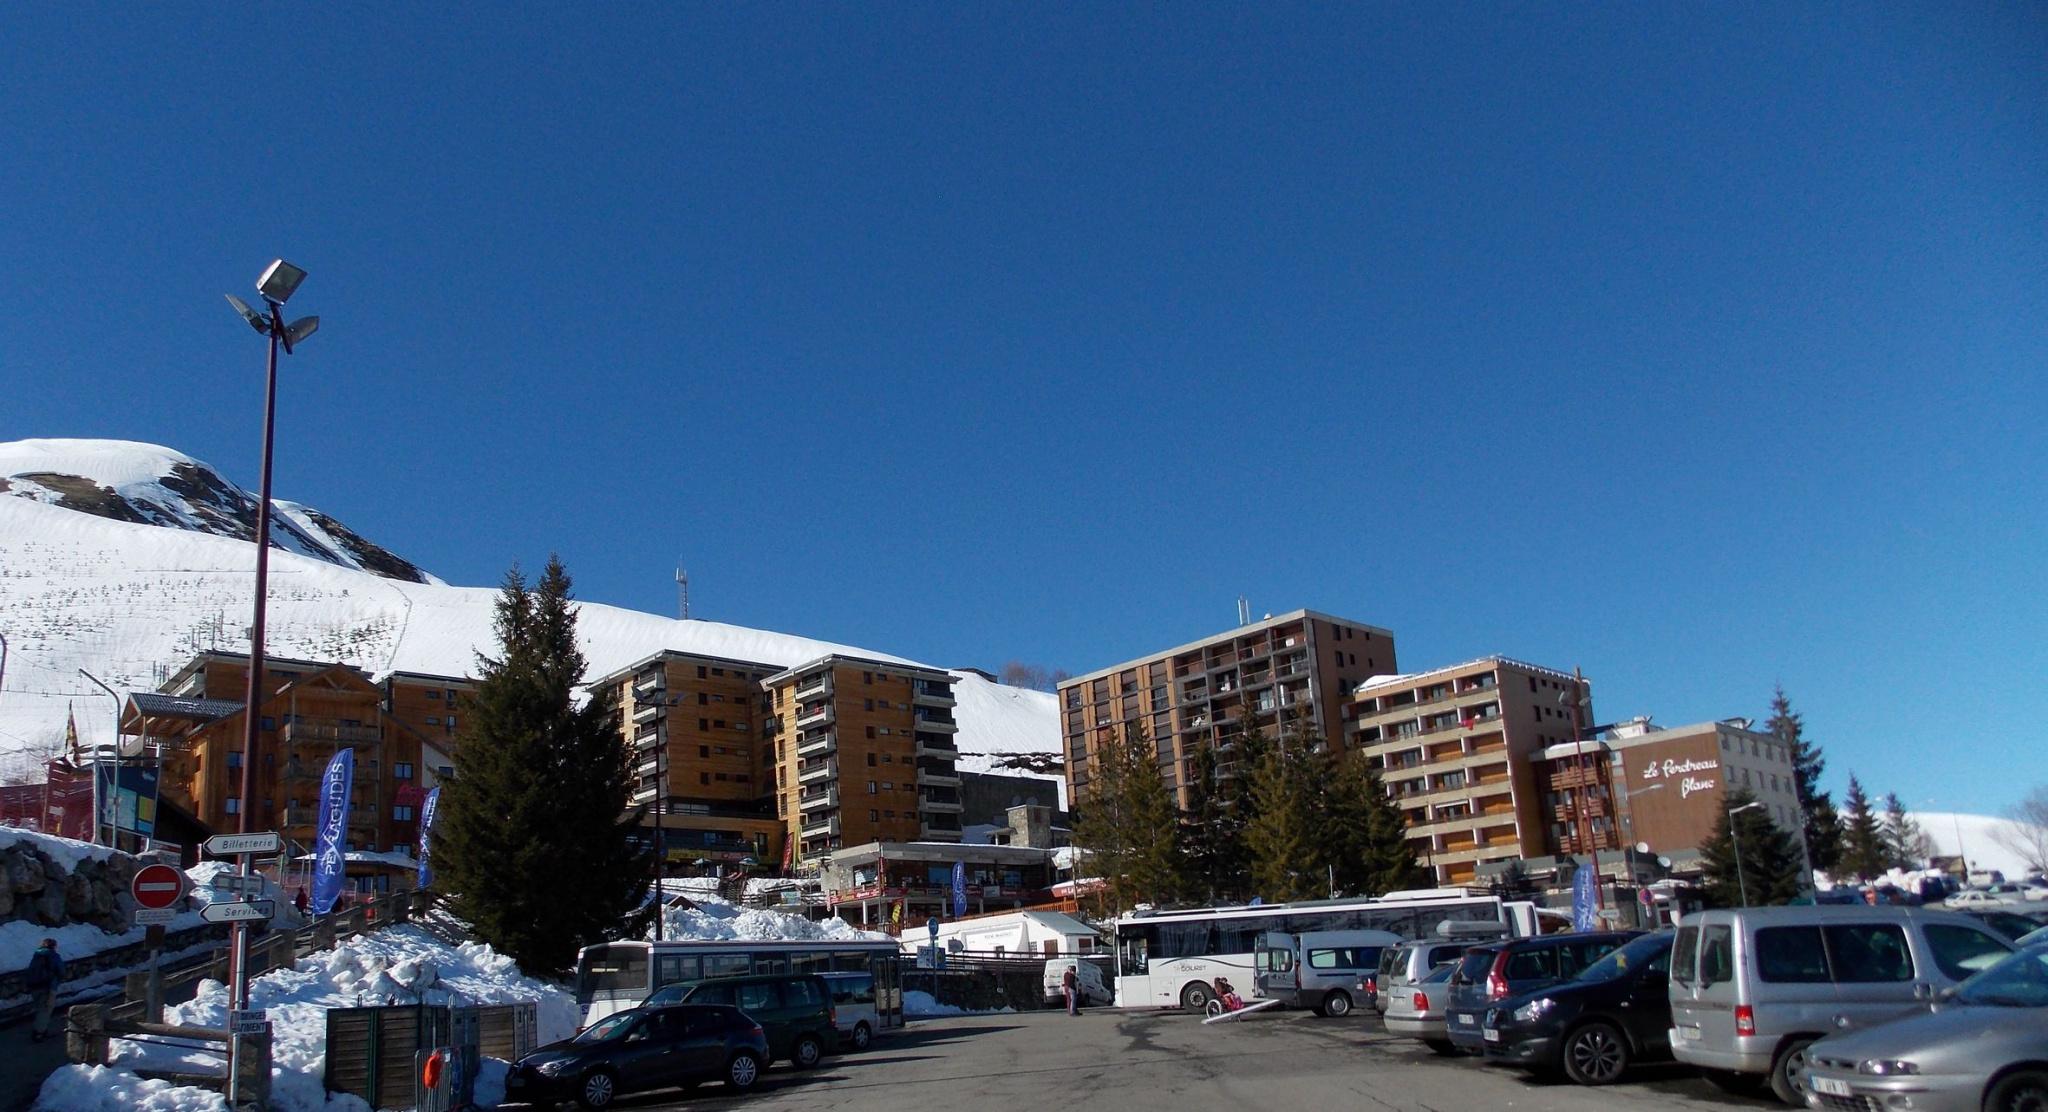 appartement 1 pièce(s) - Station de ski peyragudes